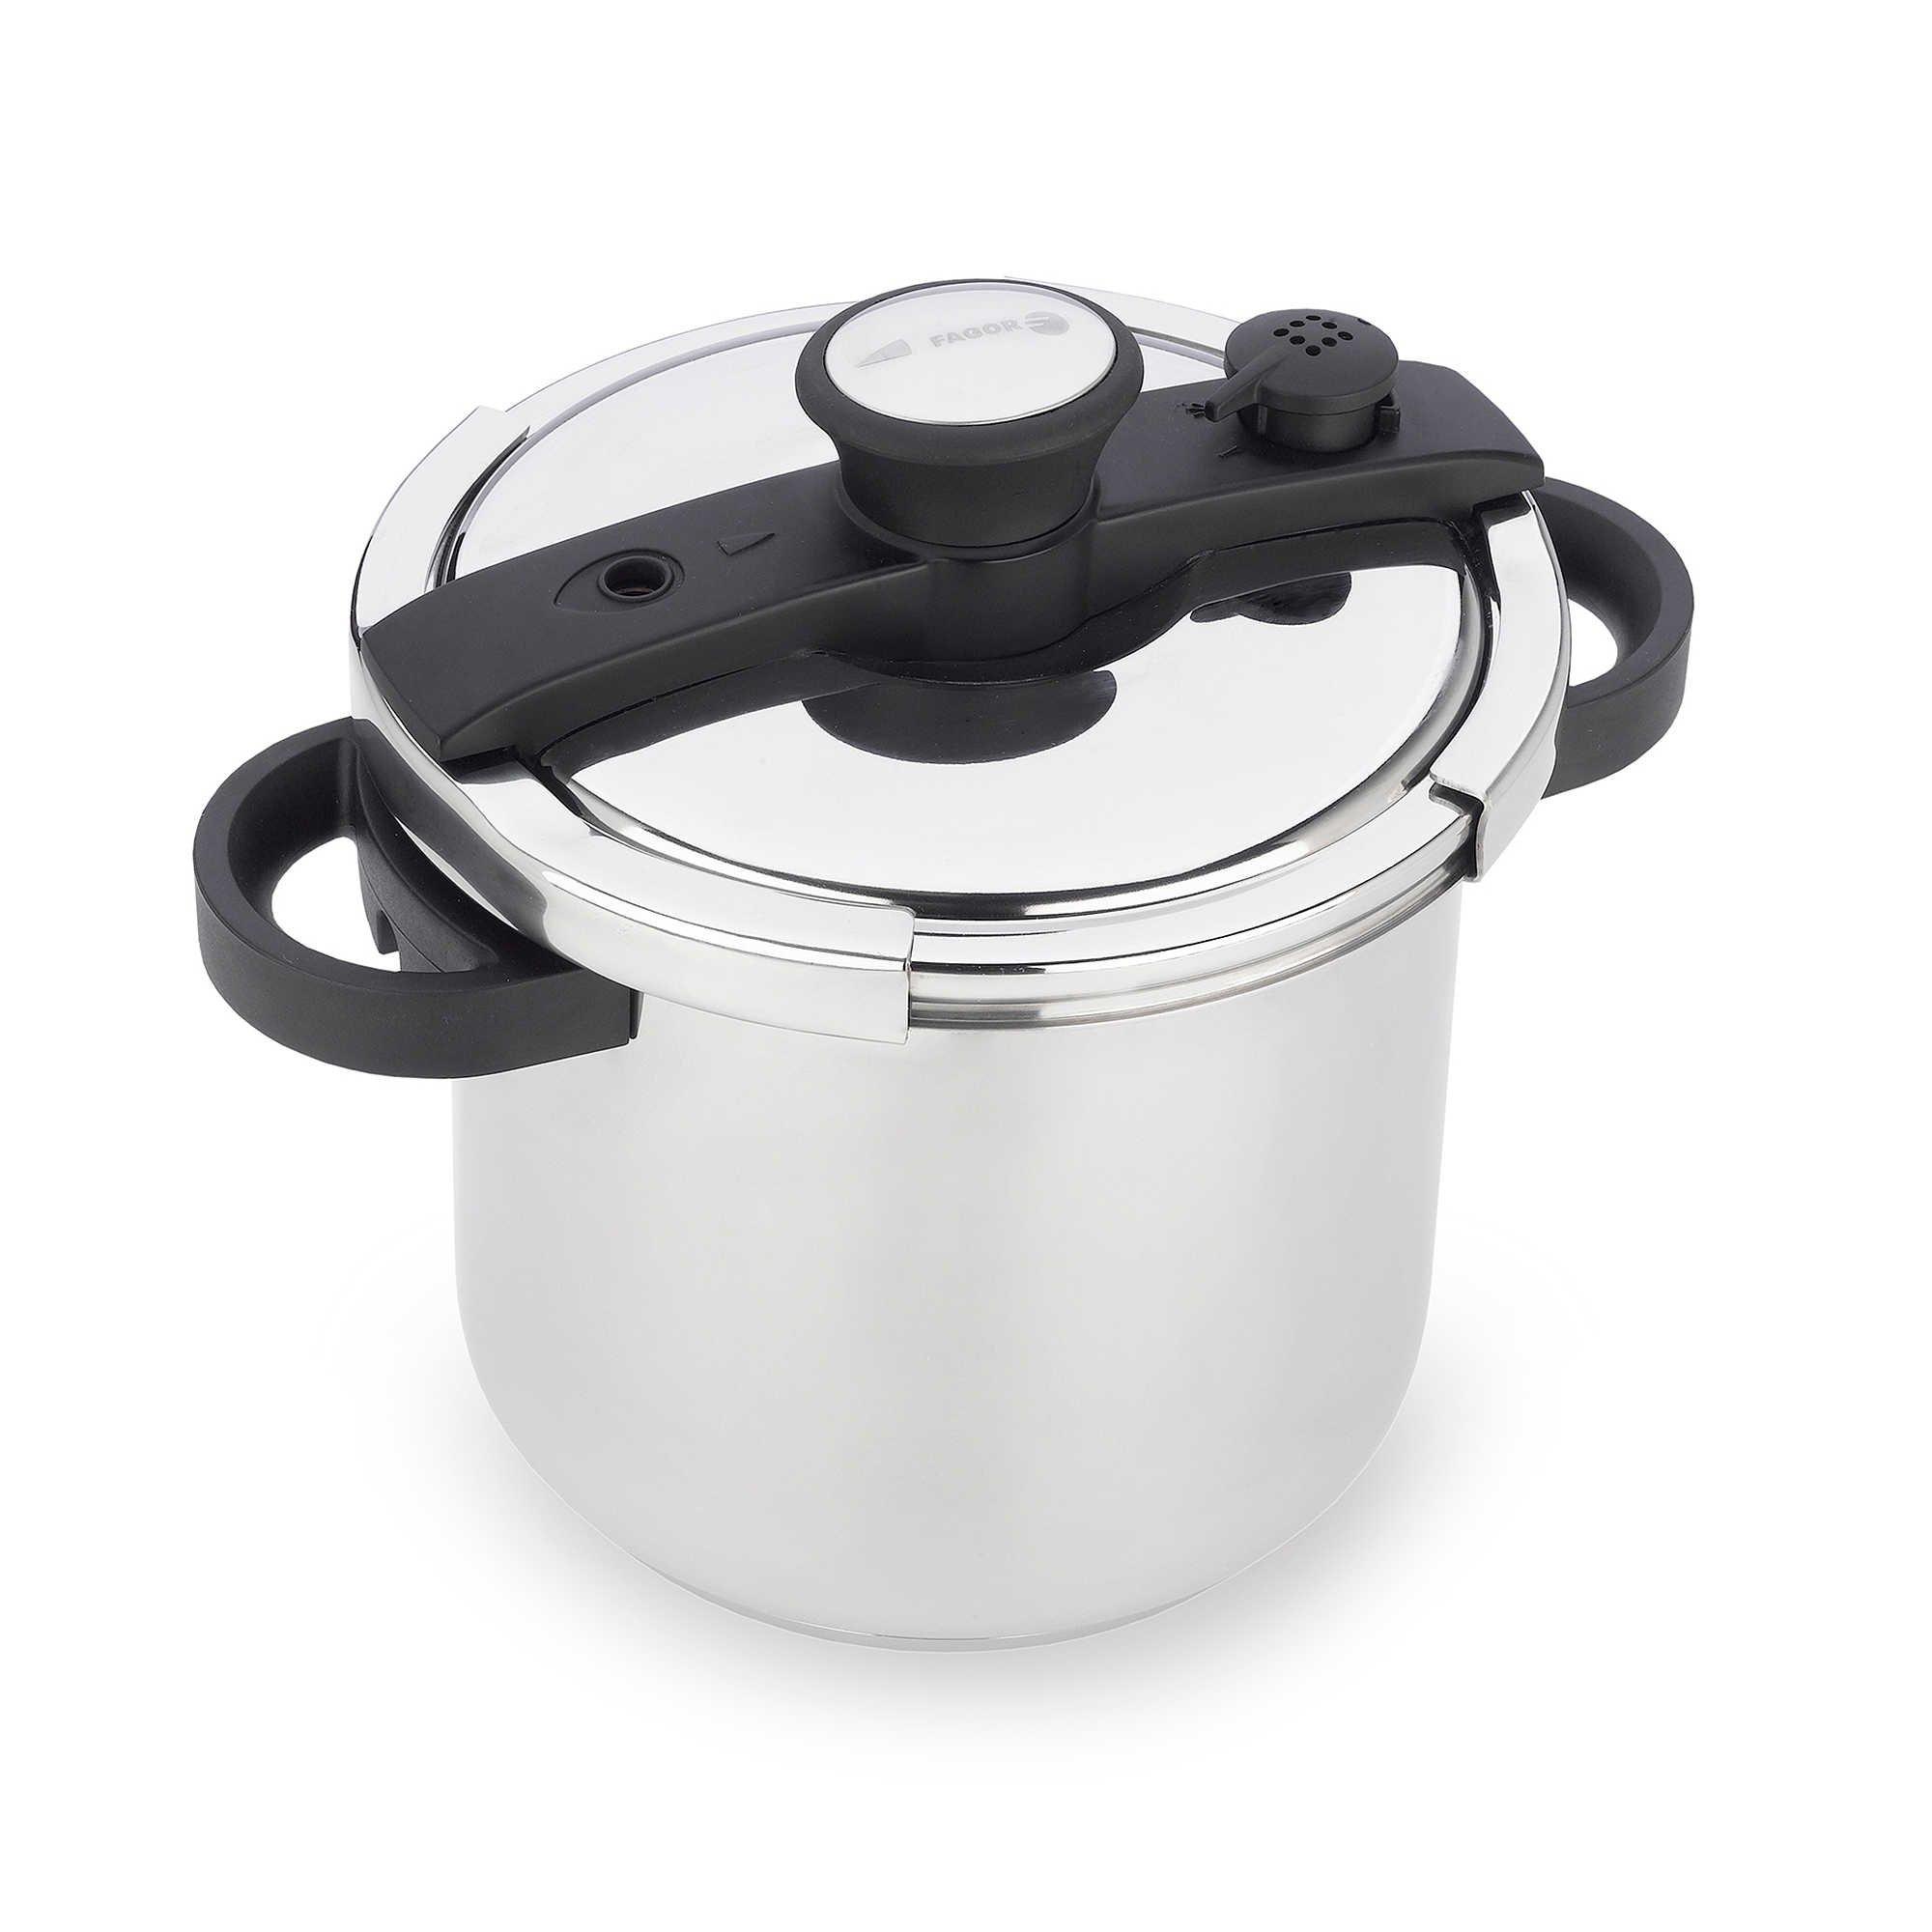 Fagor Ezlock 7.4-Quart Stainless Steel Pressure Cooker